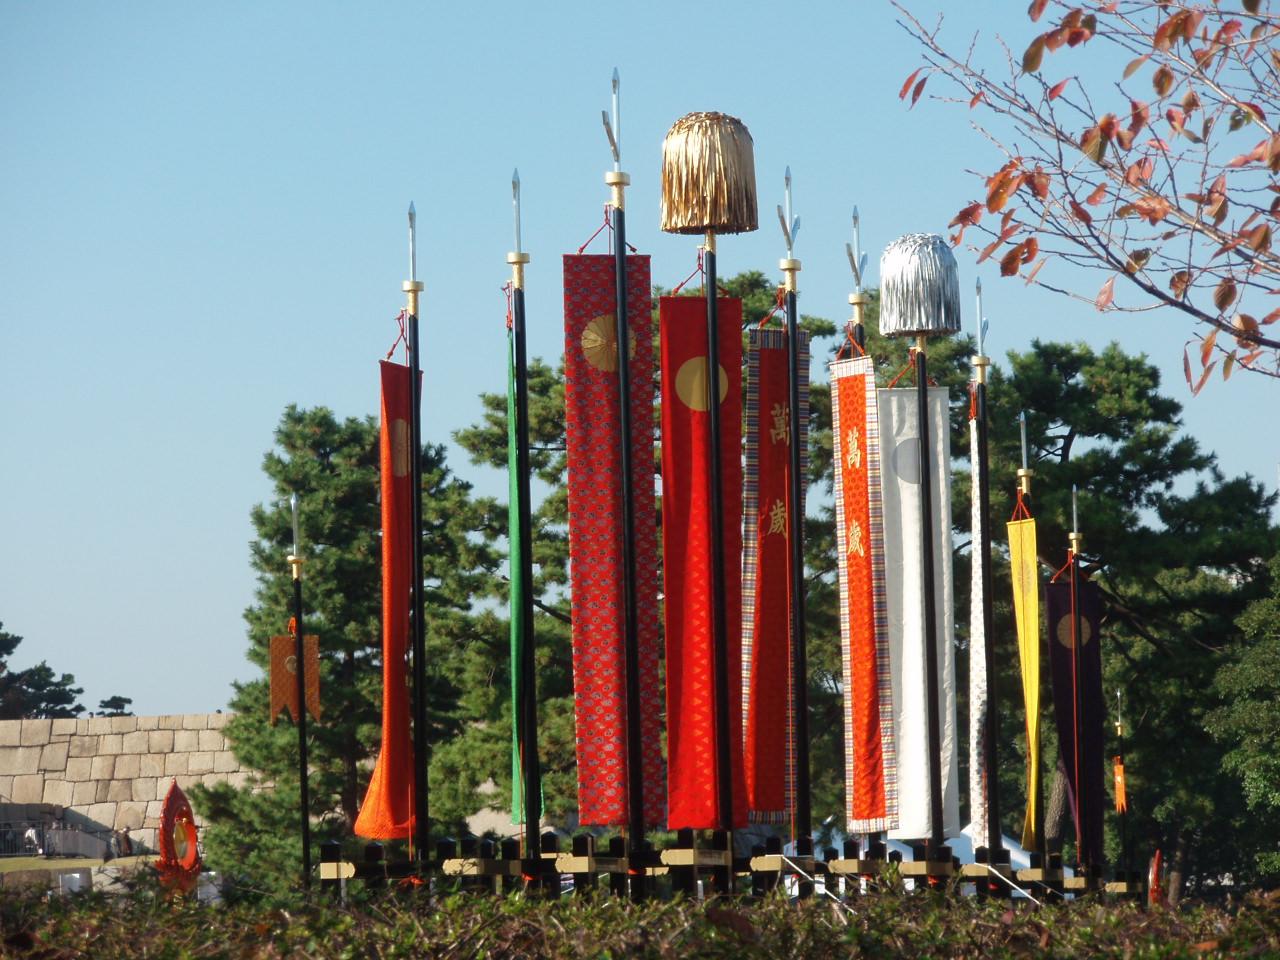 粋なおやじを目指して 東京・皇居東御苑で開催されていた『御即位20年記念特別展』に行ってきました!